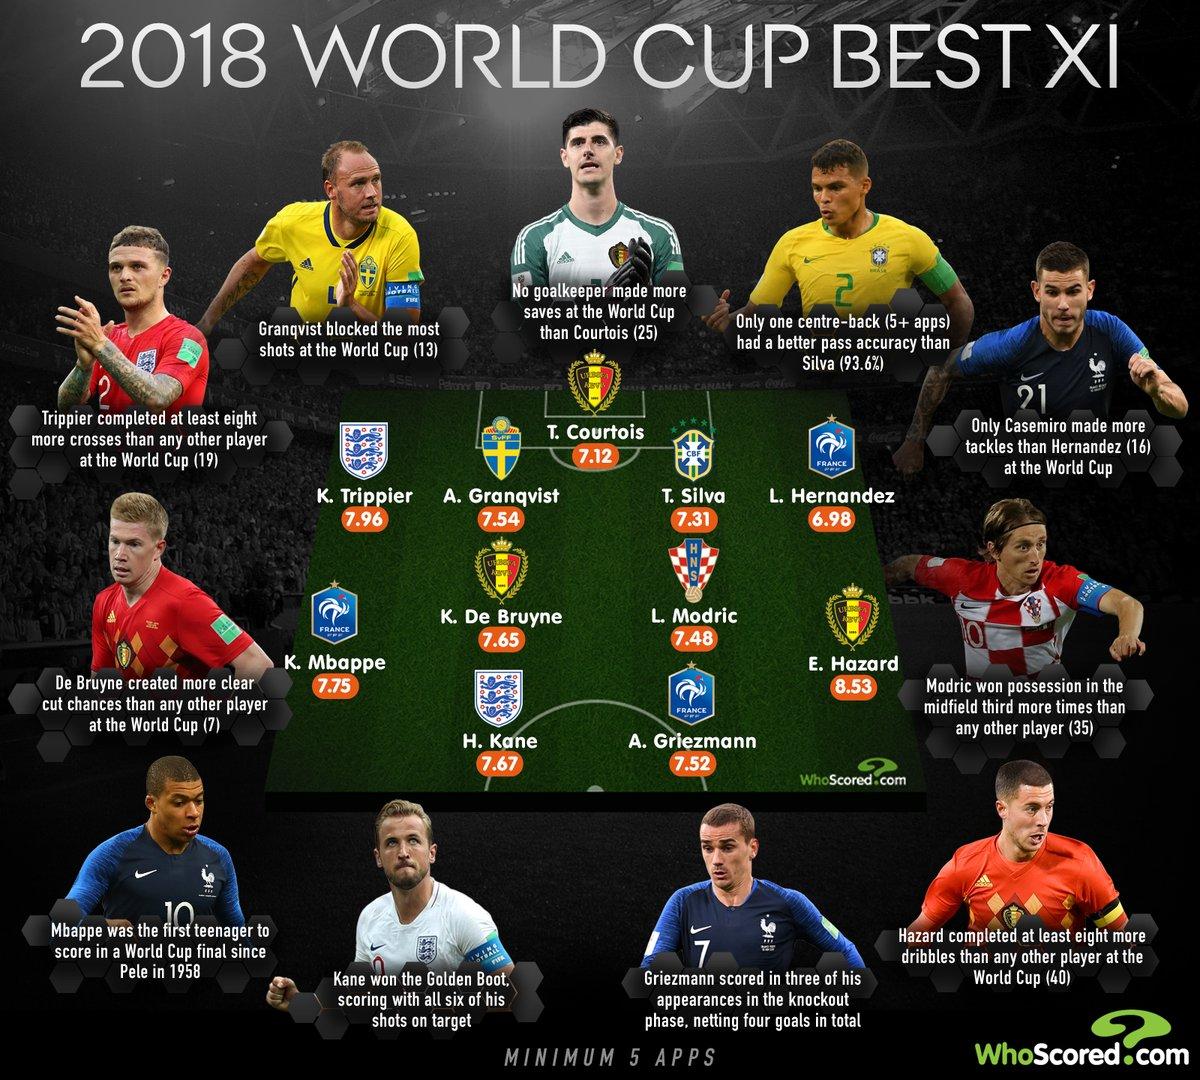 世界杯网站_数据网站评选:魔笛格子世界杯最佳阵容,德赫亚斯特林最差